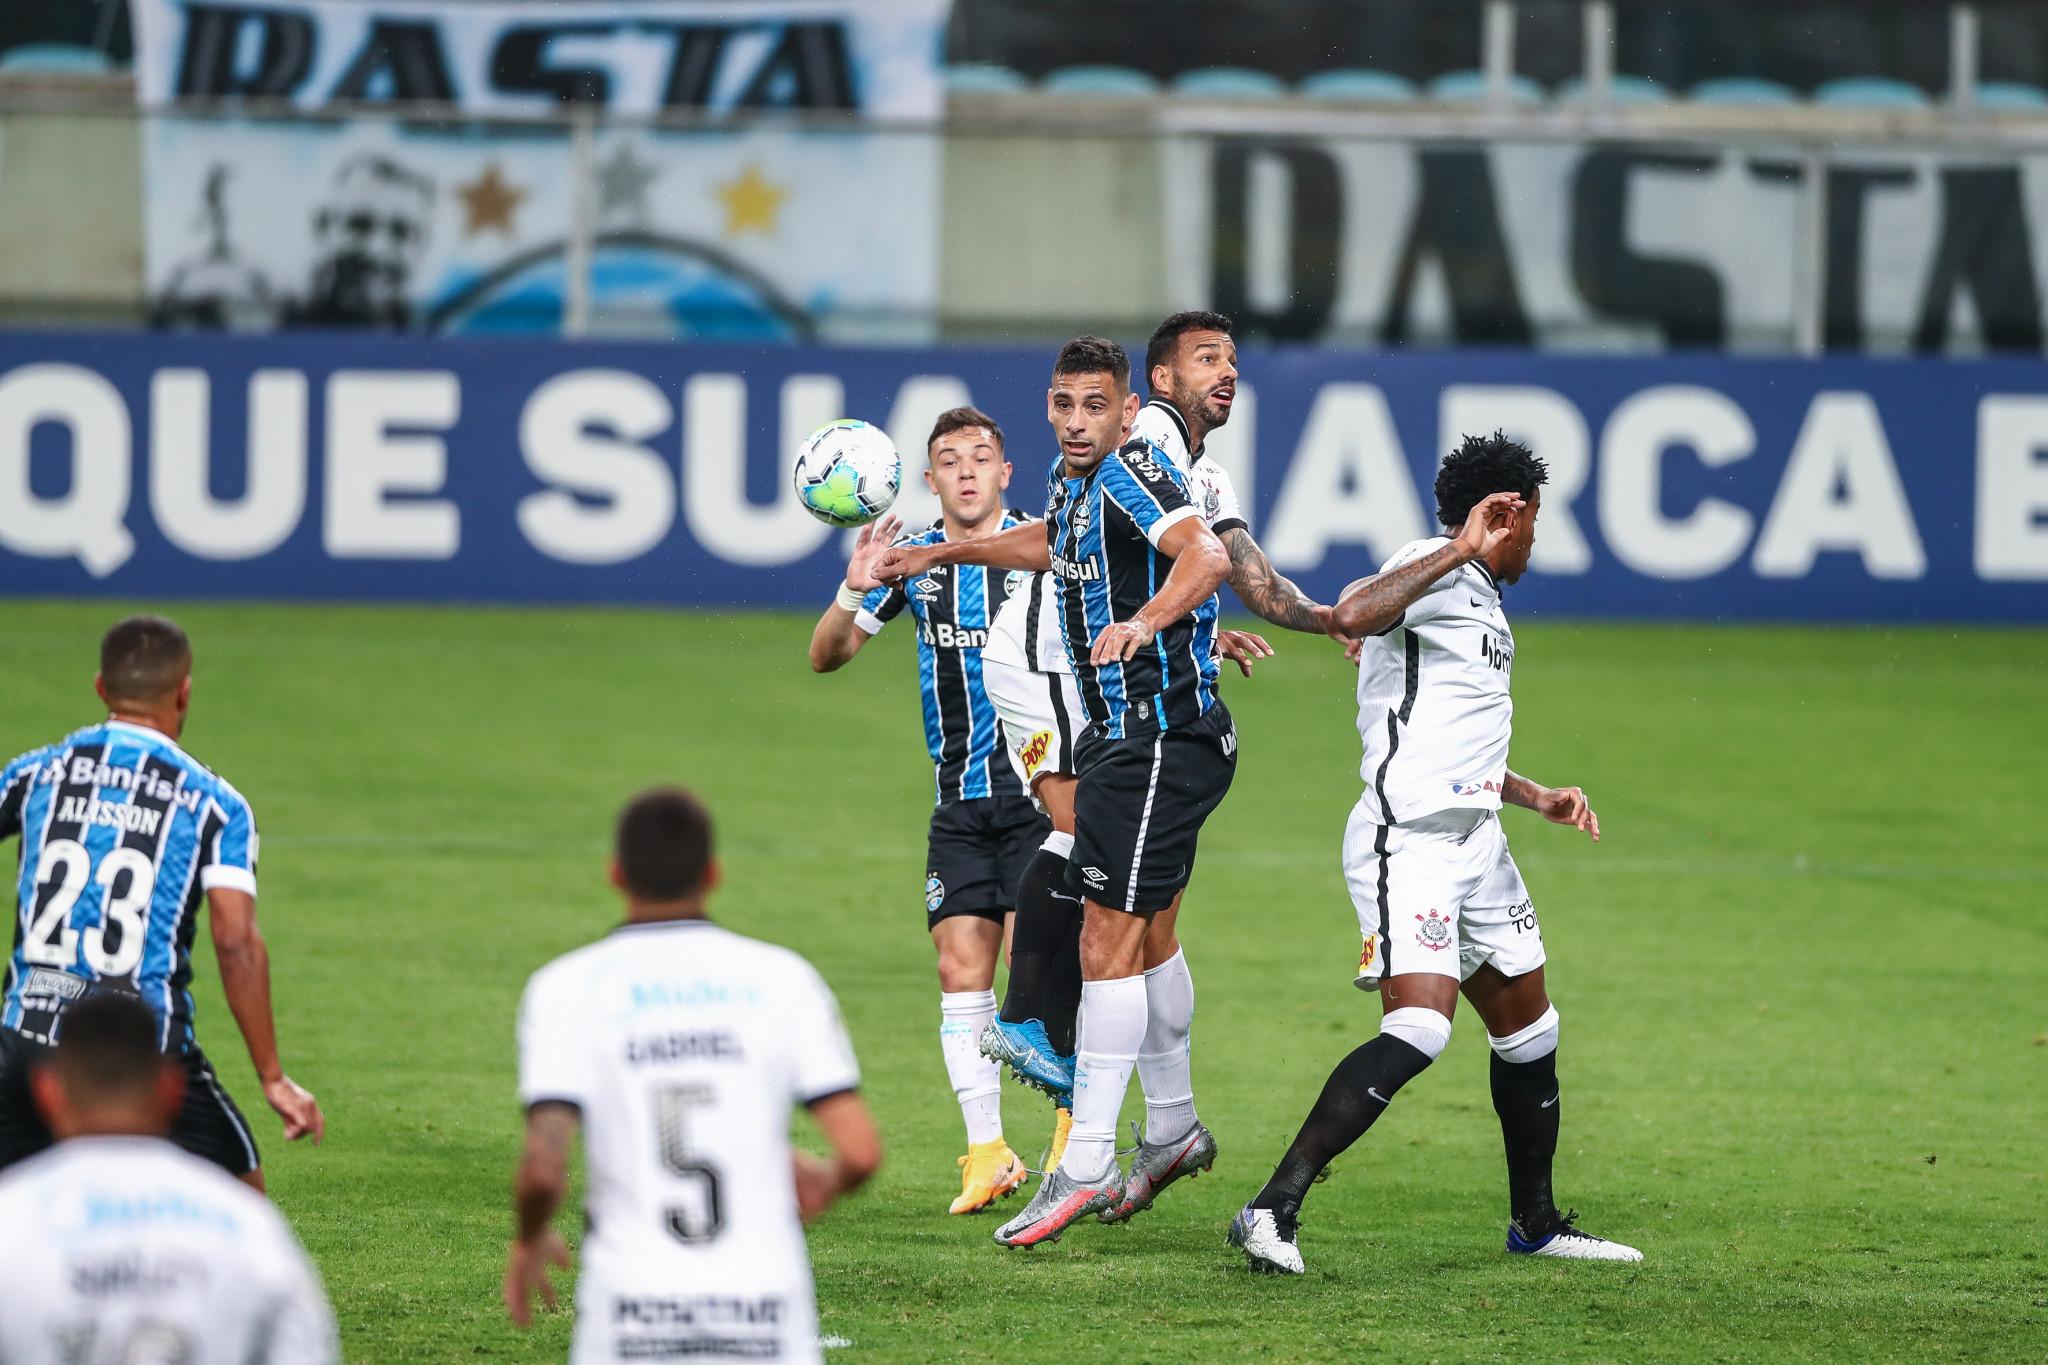 Gremio Empata Sem Gols Com O Corinthians Em Casa Pela 3ª Rodada Do Brasileirao